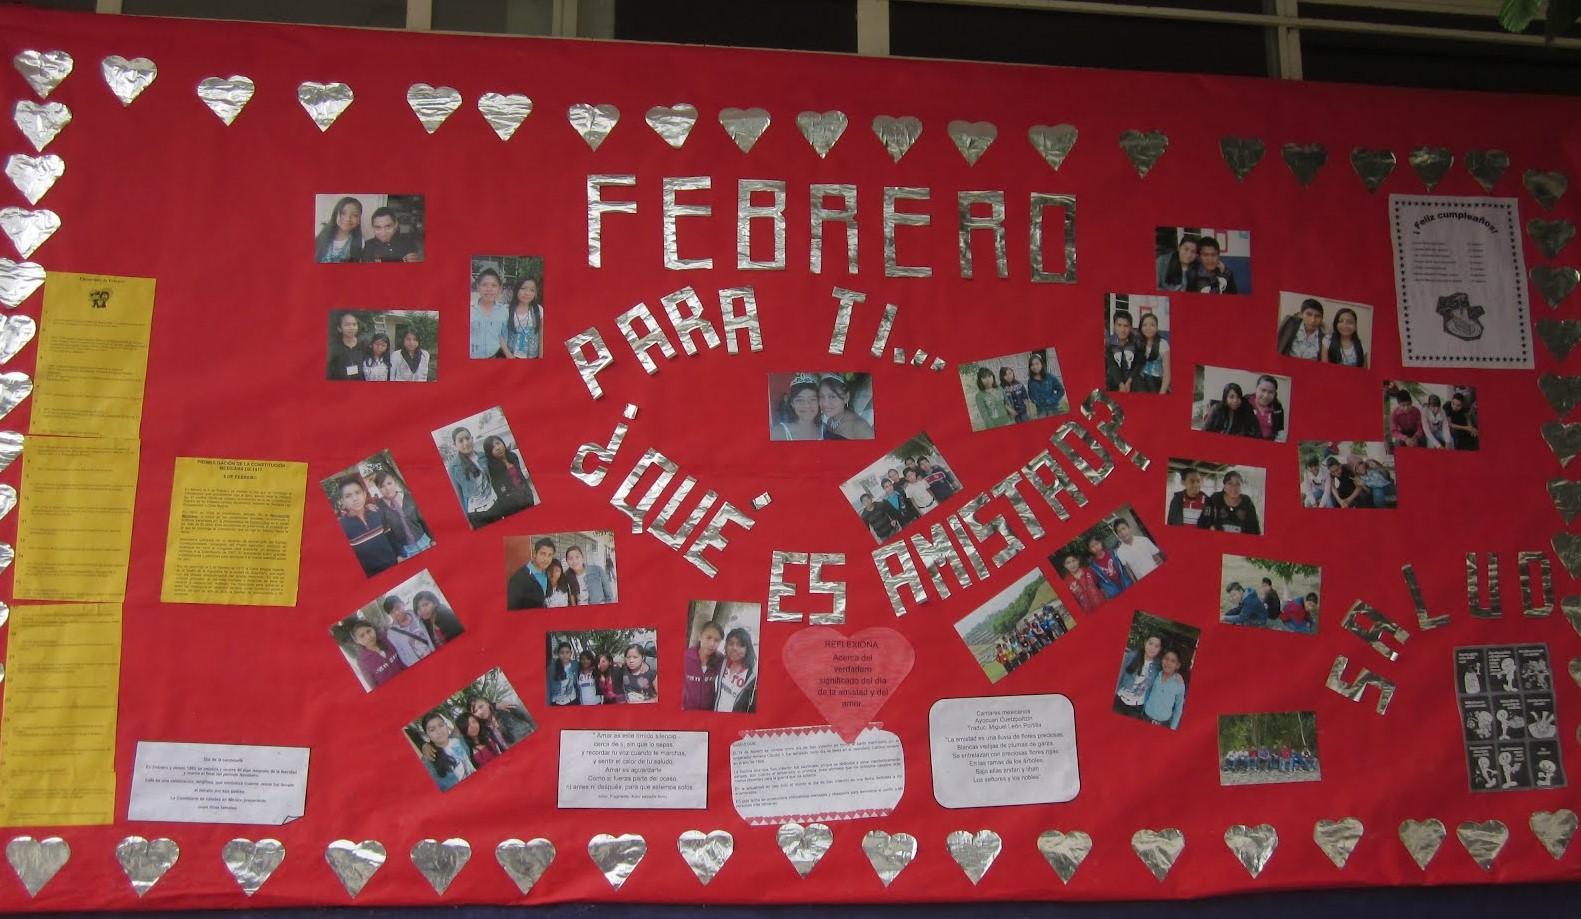 Periodico mural febrero 7 imagenes educativas for Como elaborar un periodico mural